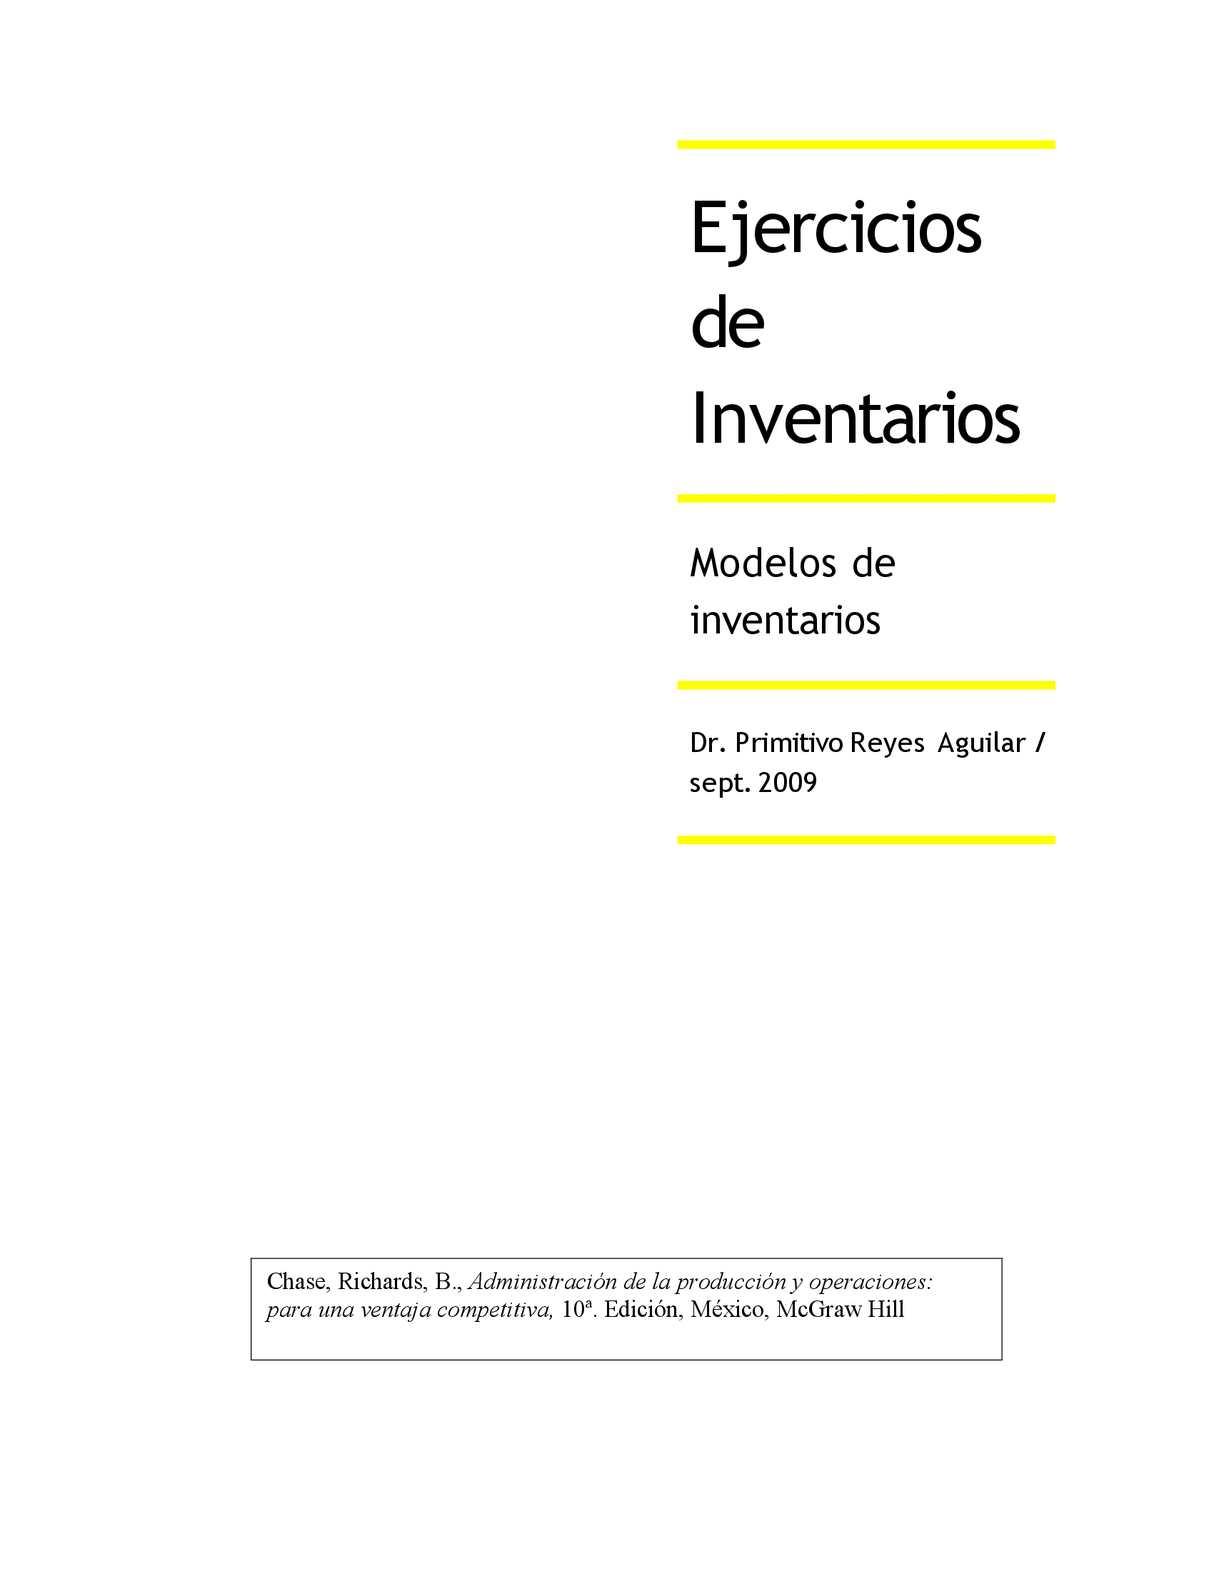 Calaméo - Ejercicios Inventarios 426579cd5dfd